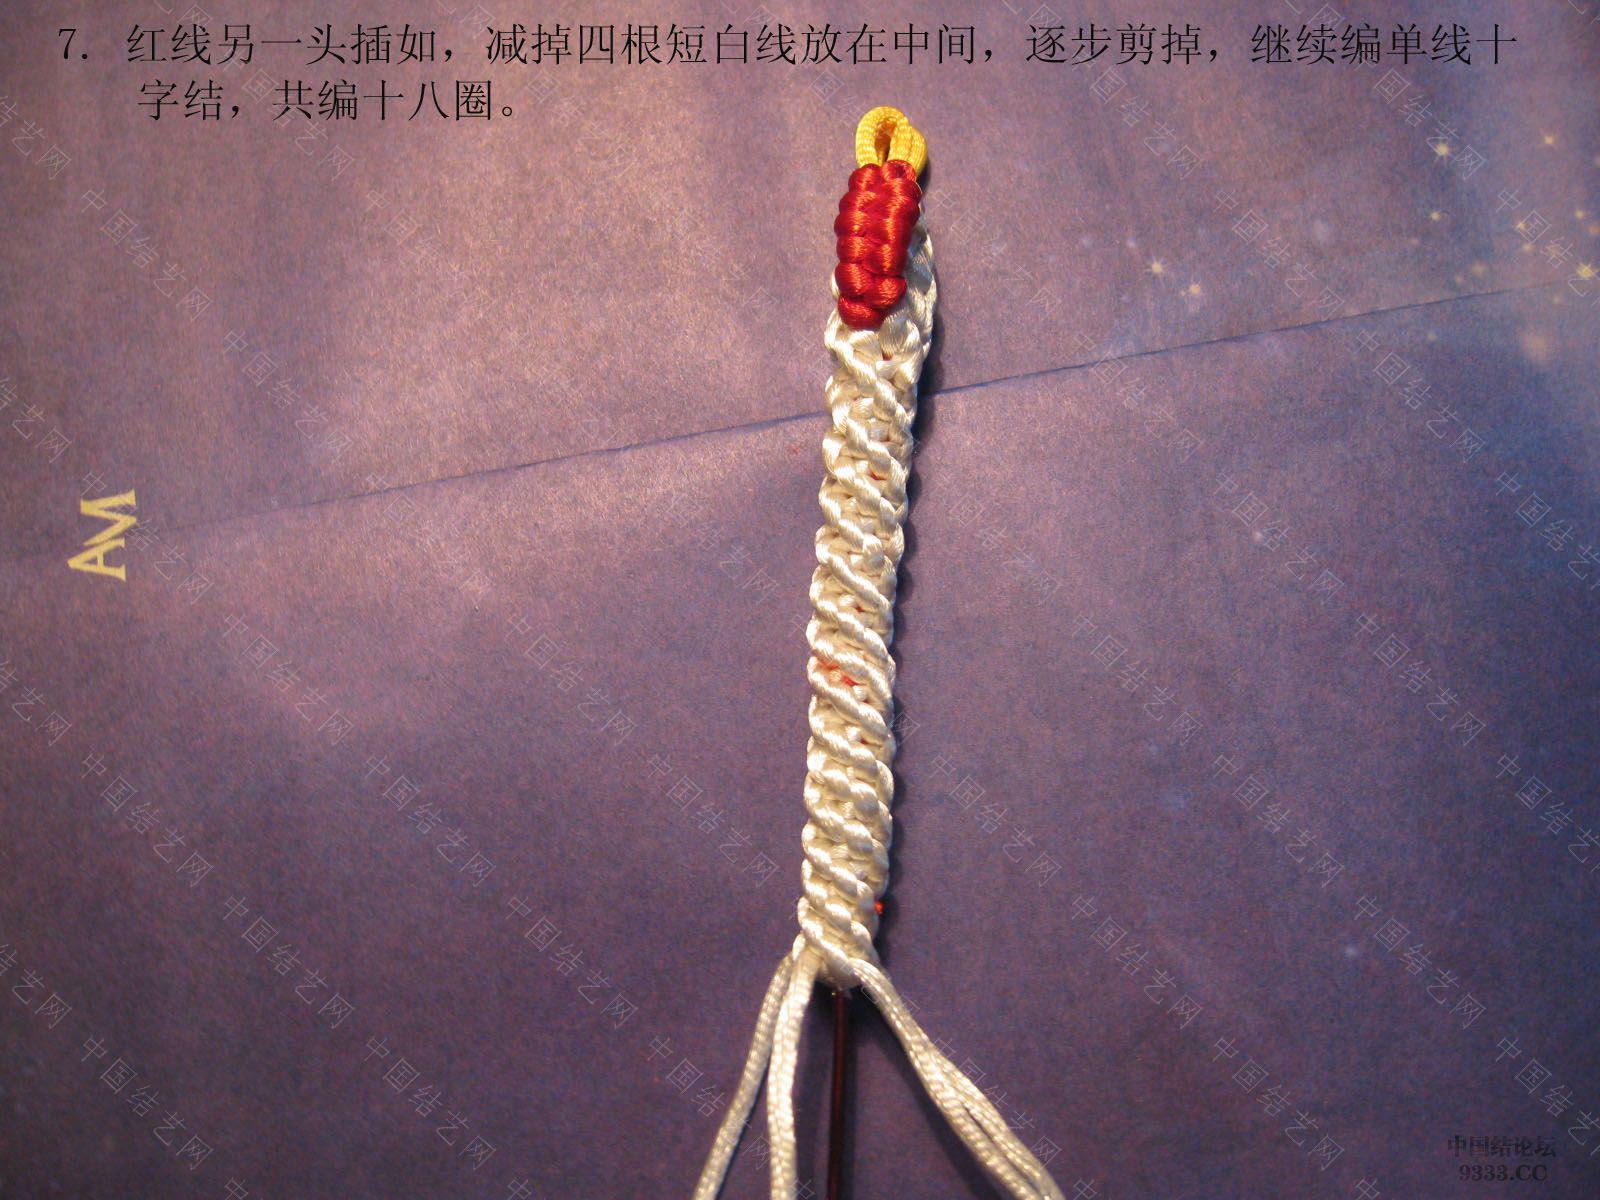 中国结论坛 学习一米老师编的天鹅的图文教程  立体绳结教程与交流区 0910261400e25a139dc70735d2